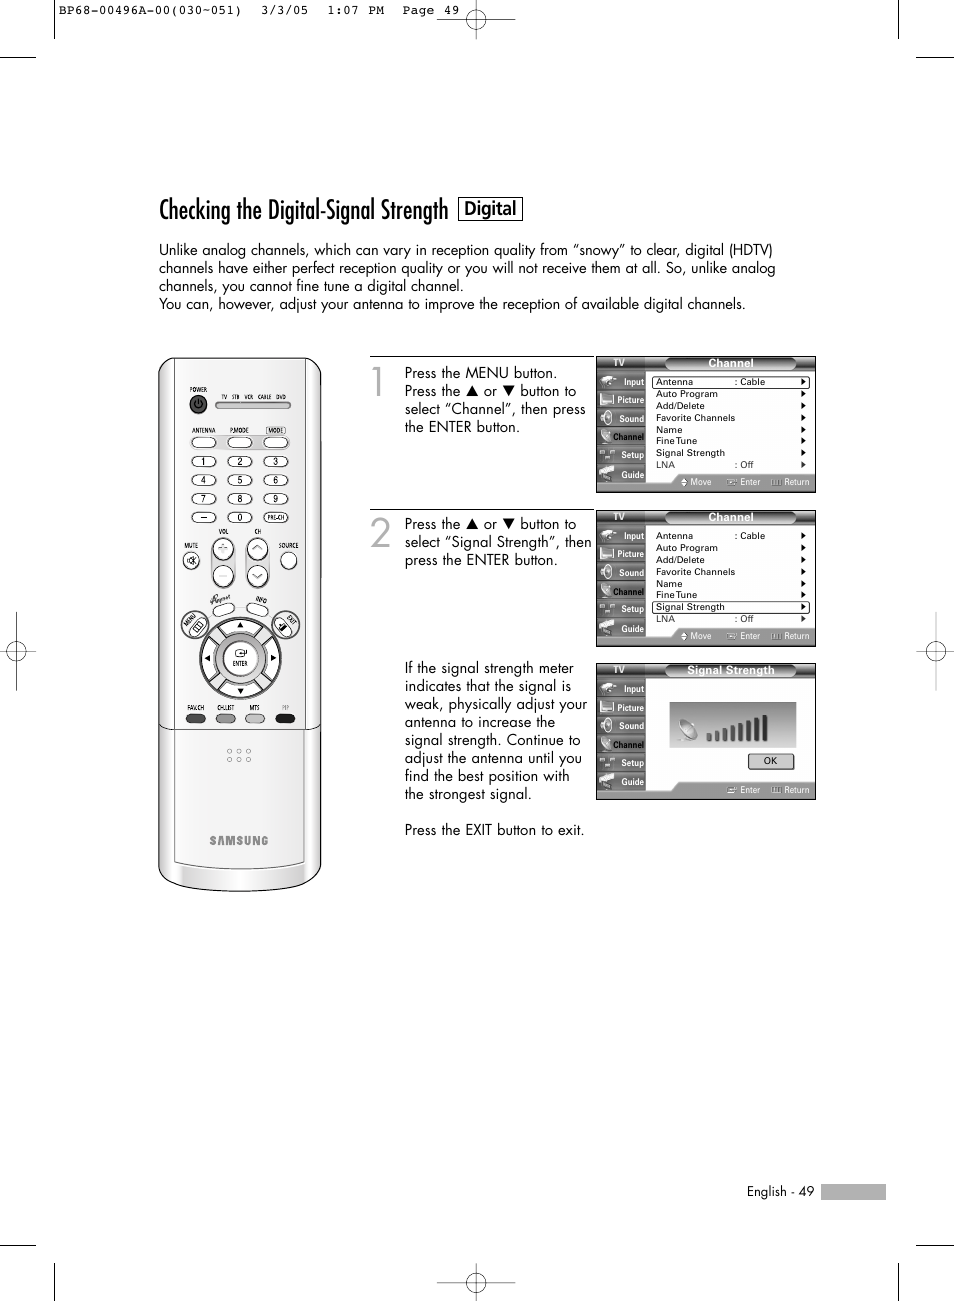 checking the digital signal strength digital samsung hlr4266wx rh manualsdir com